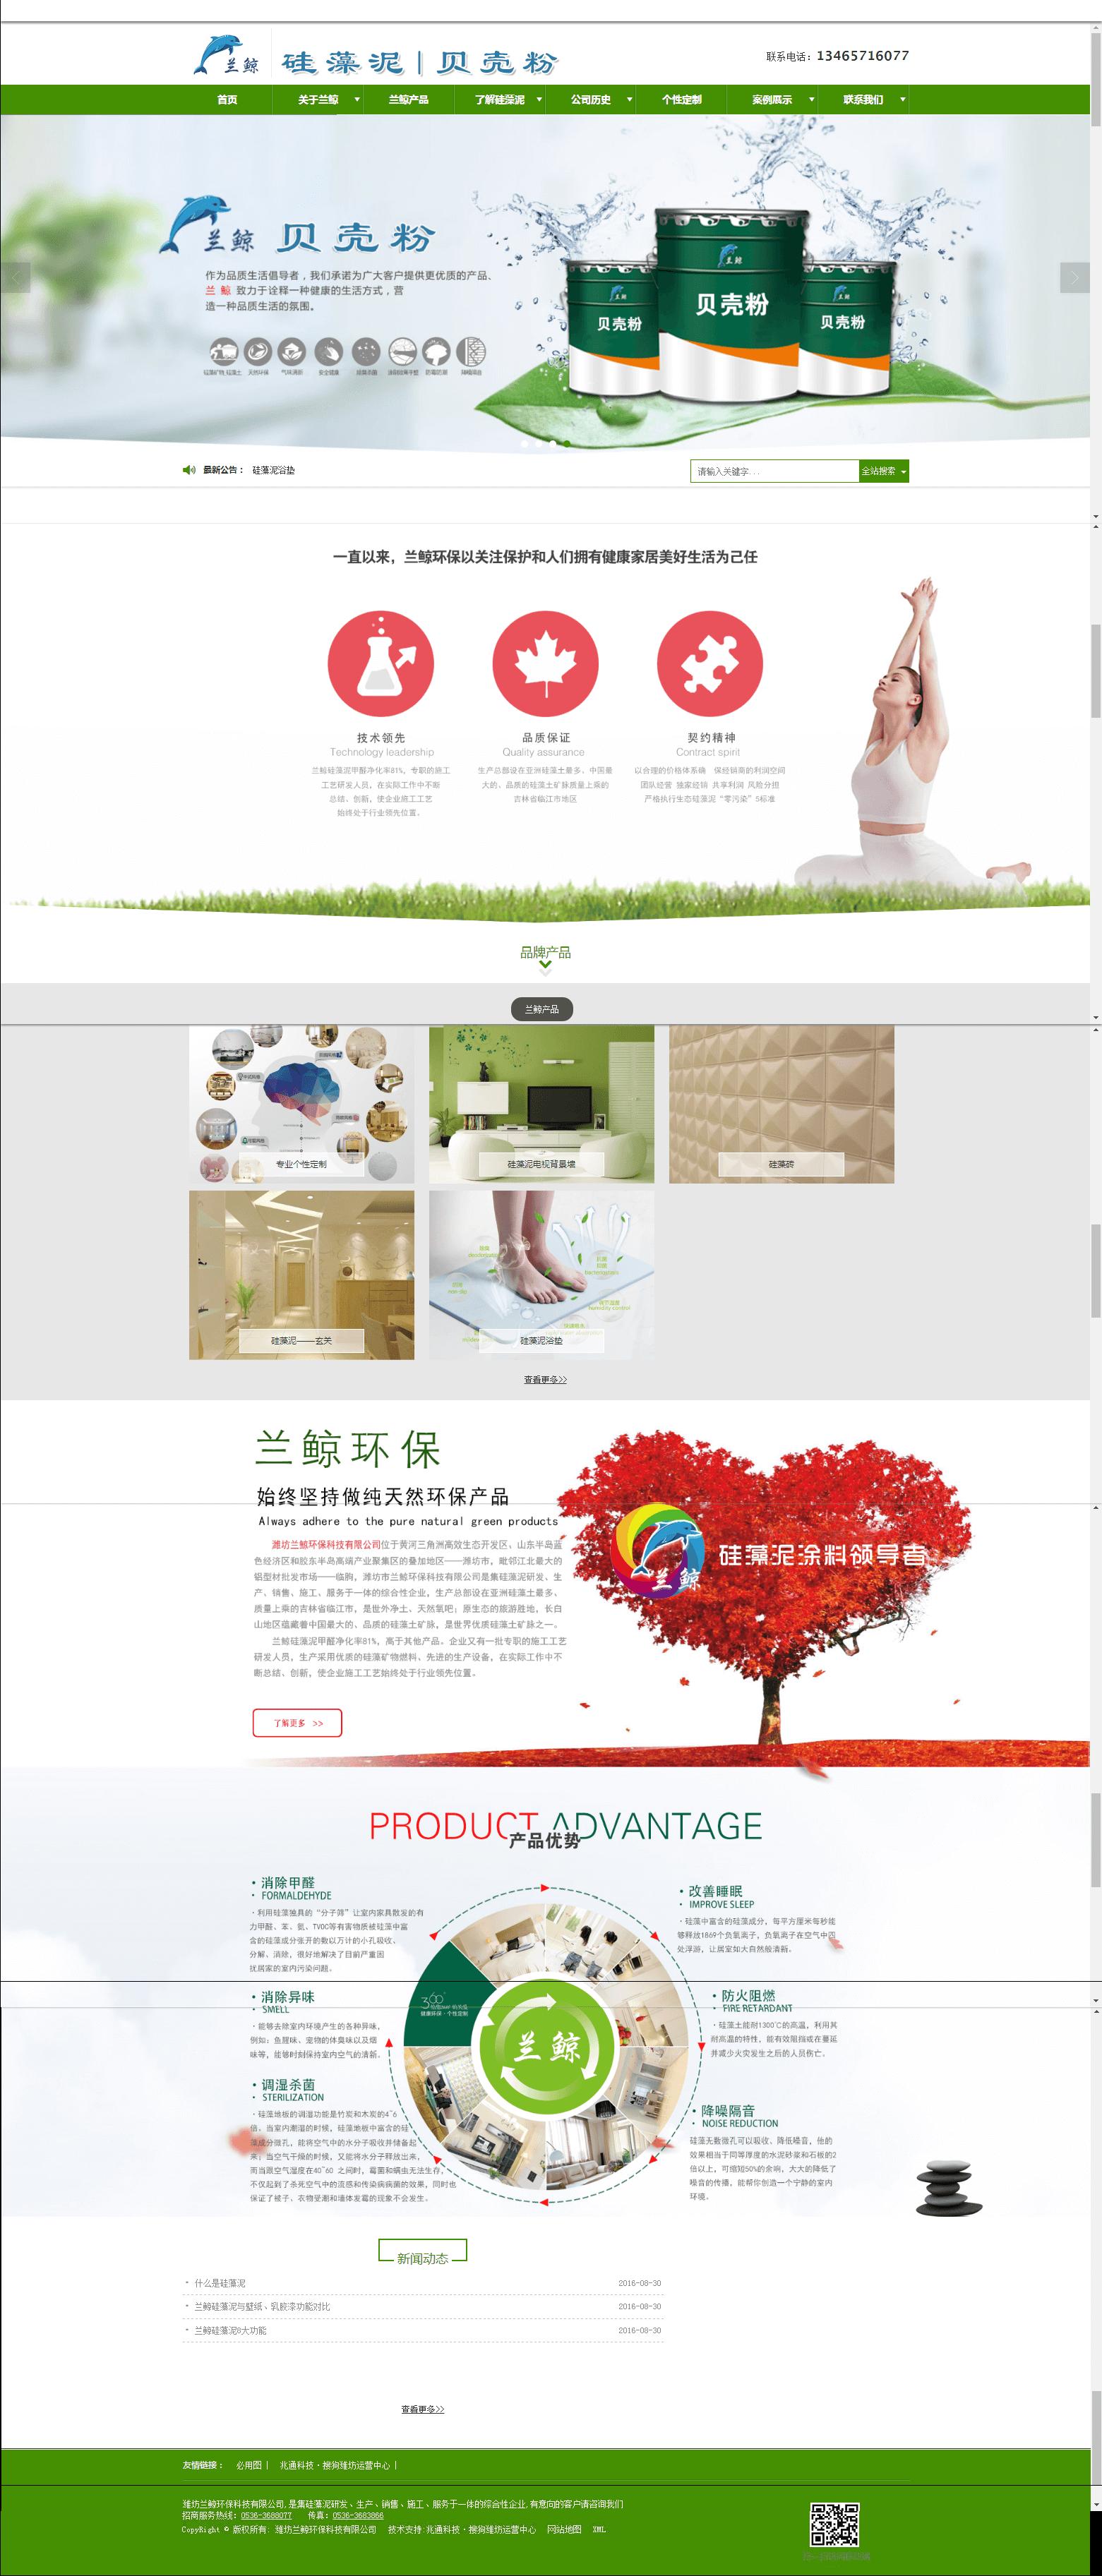 响应式案例展示页.png